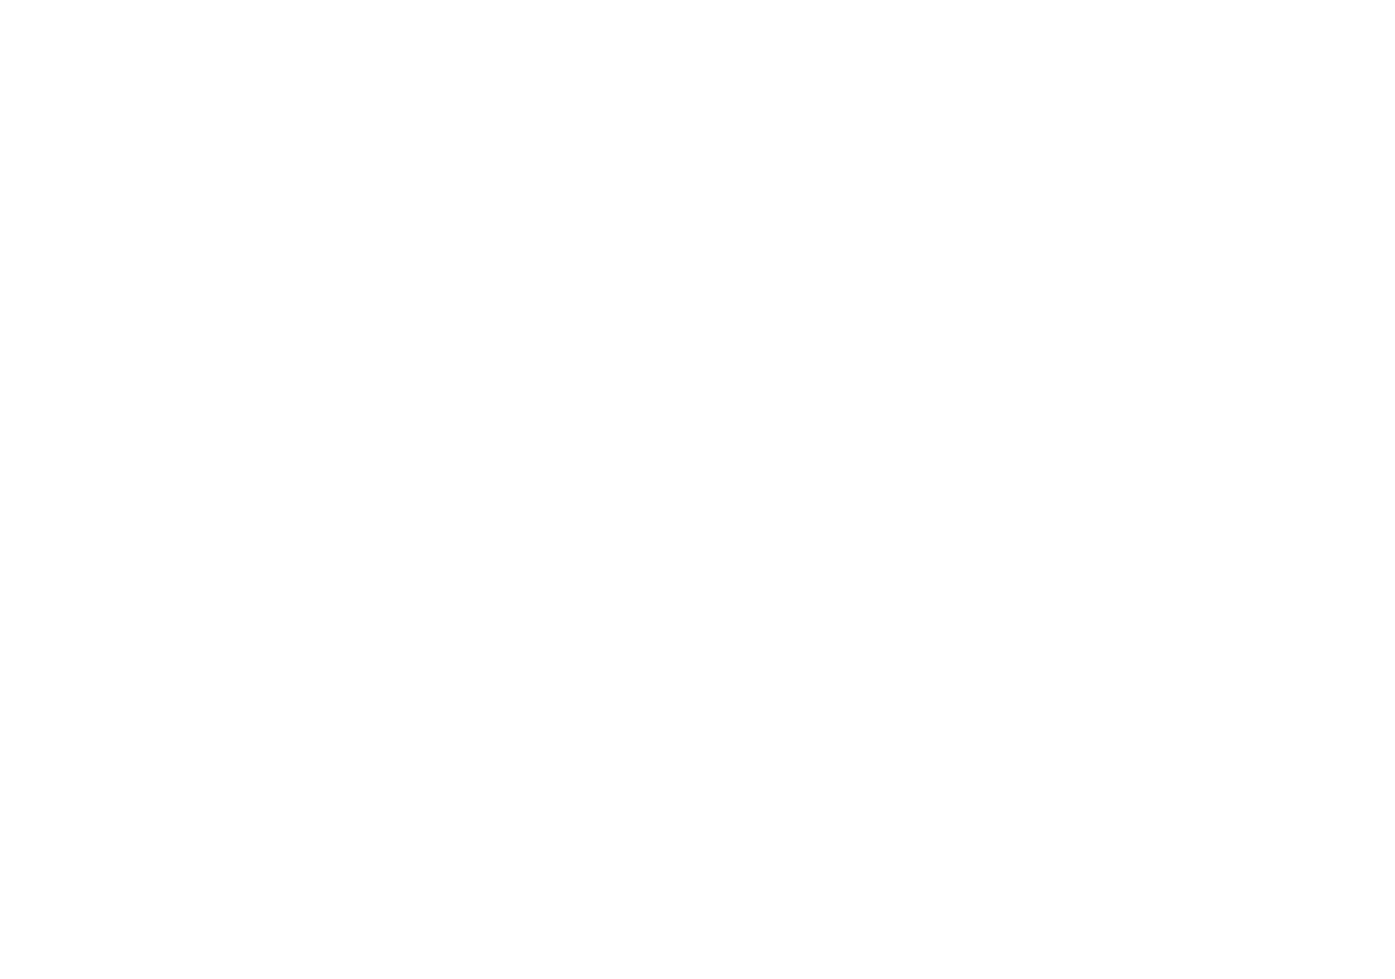 folder for project management